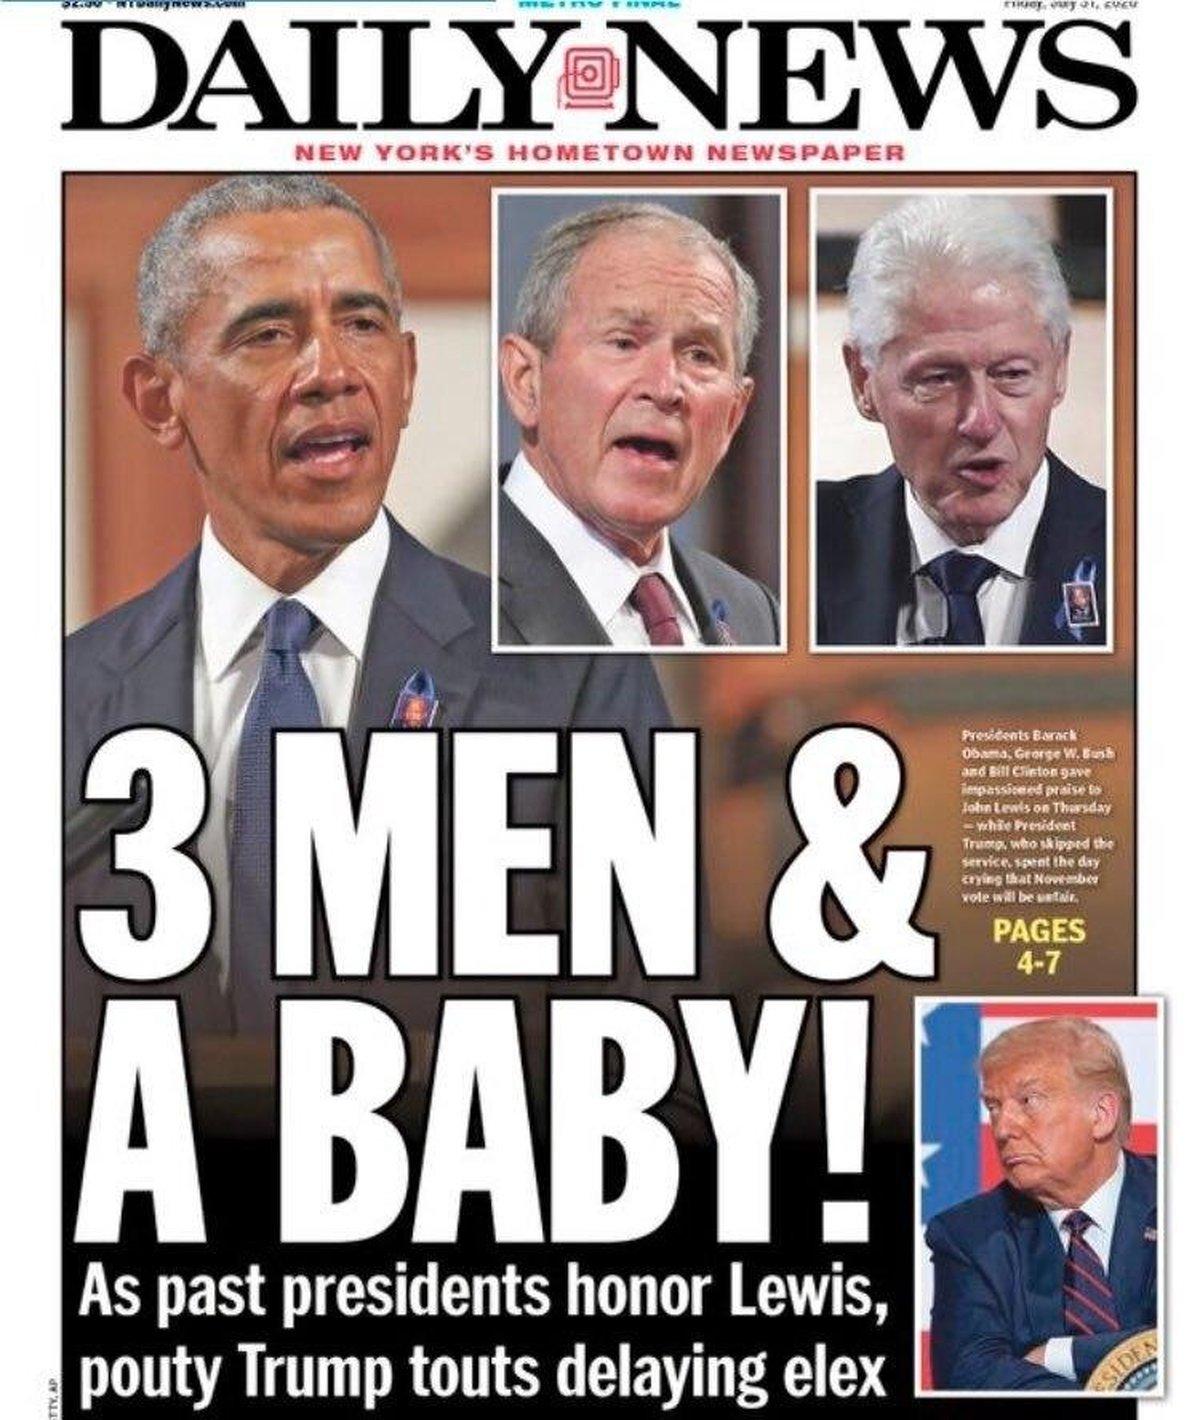 واکنش به نوع رفتار رئیس جمهور ایالات متحده  «سه مرد و یک بچه»